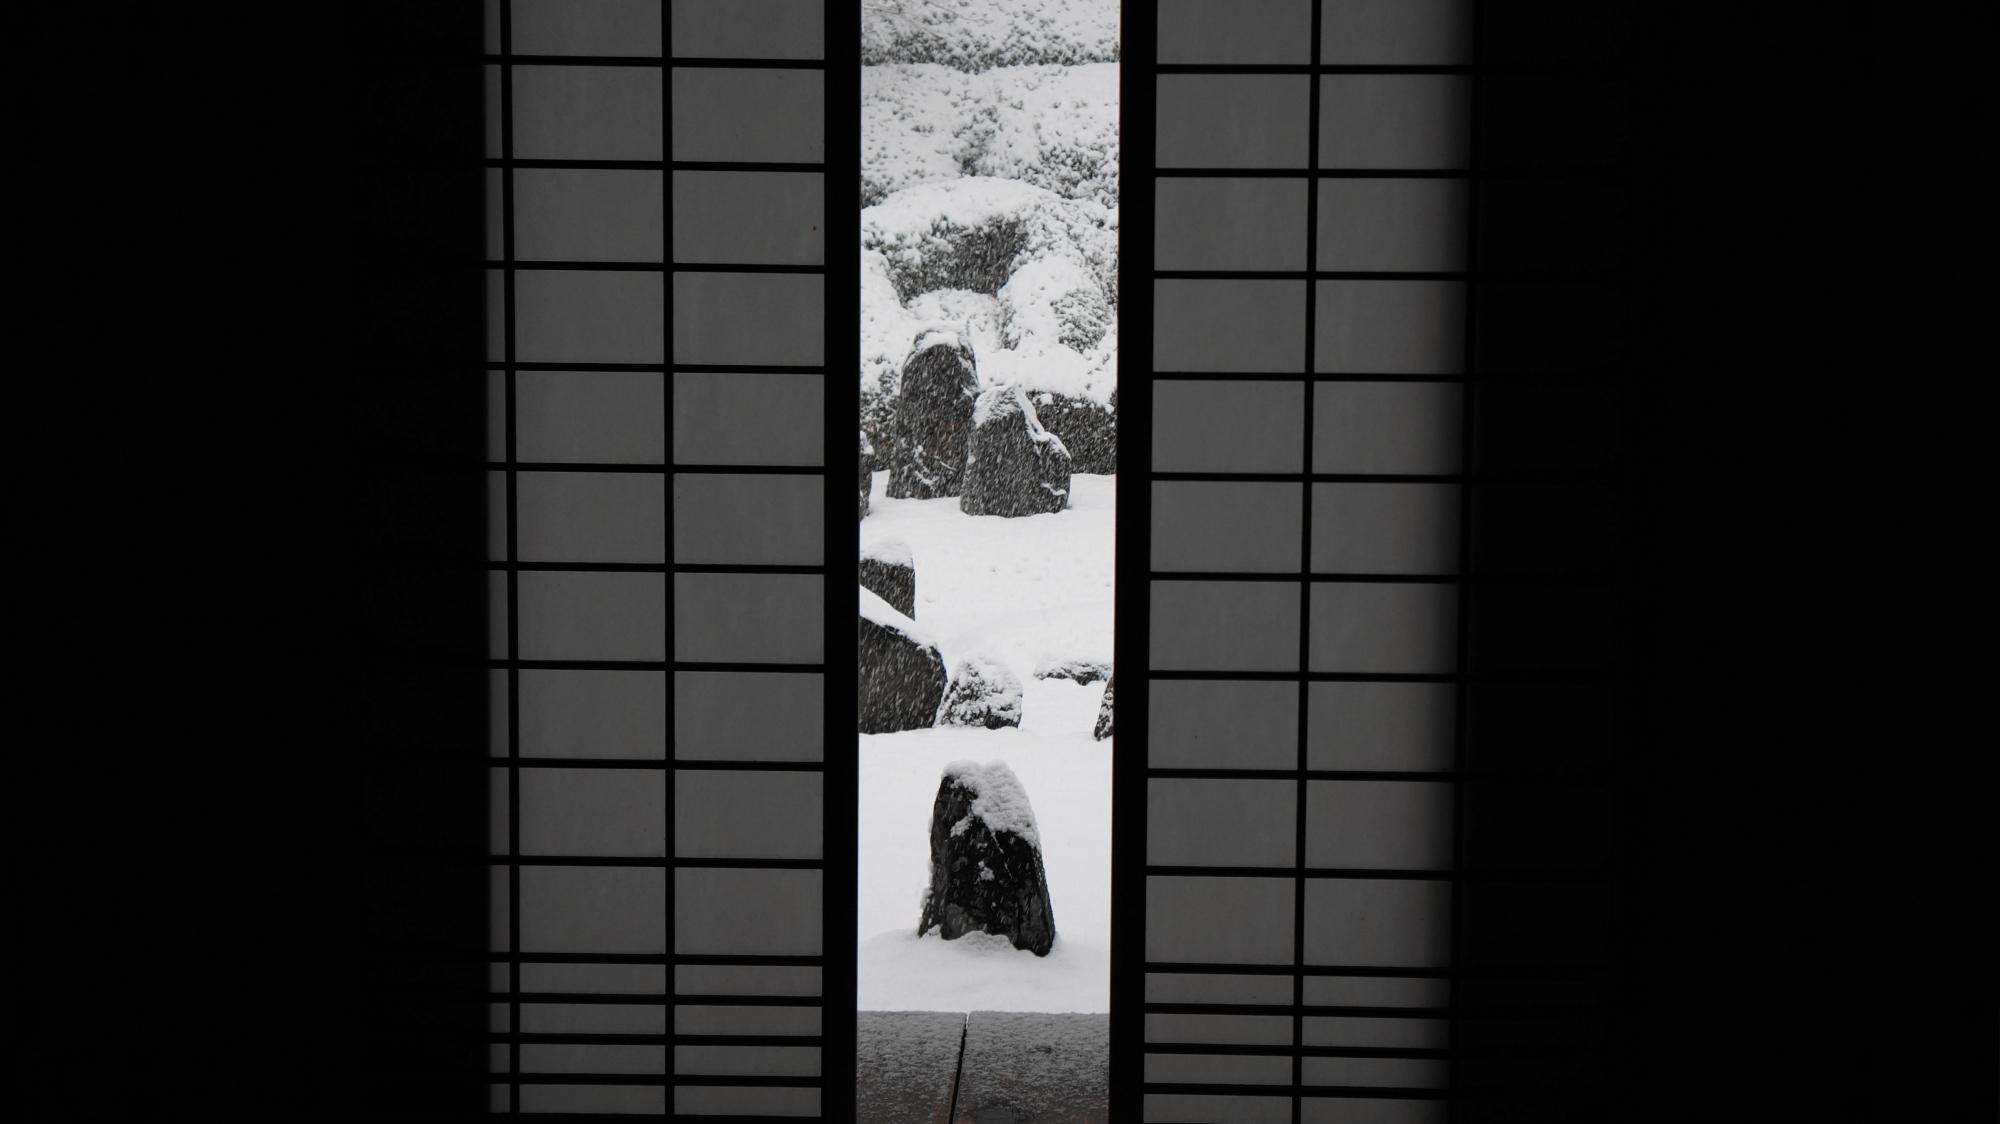 方丈内からの見た雪の波心庭